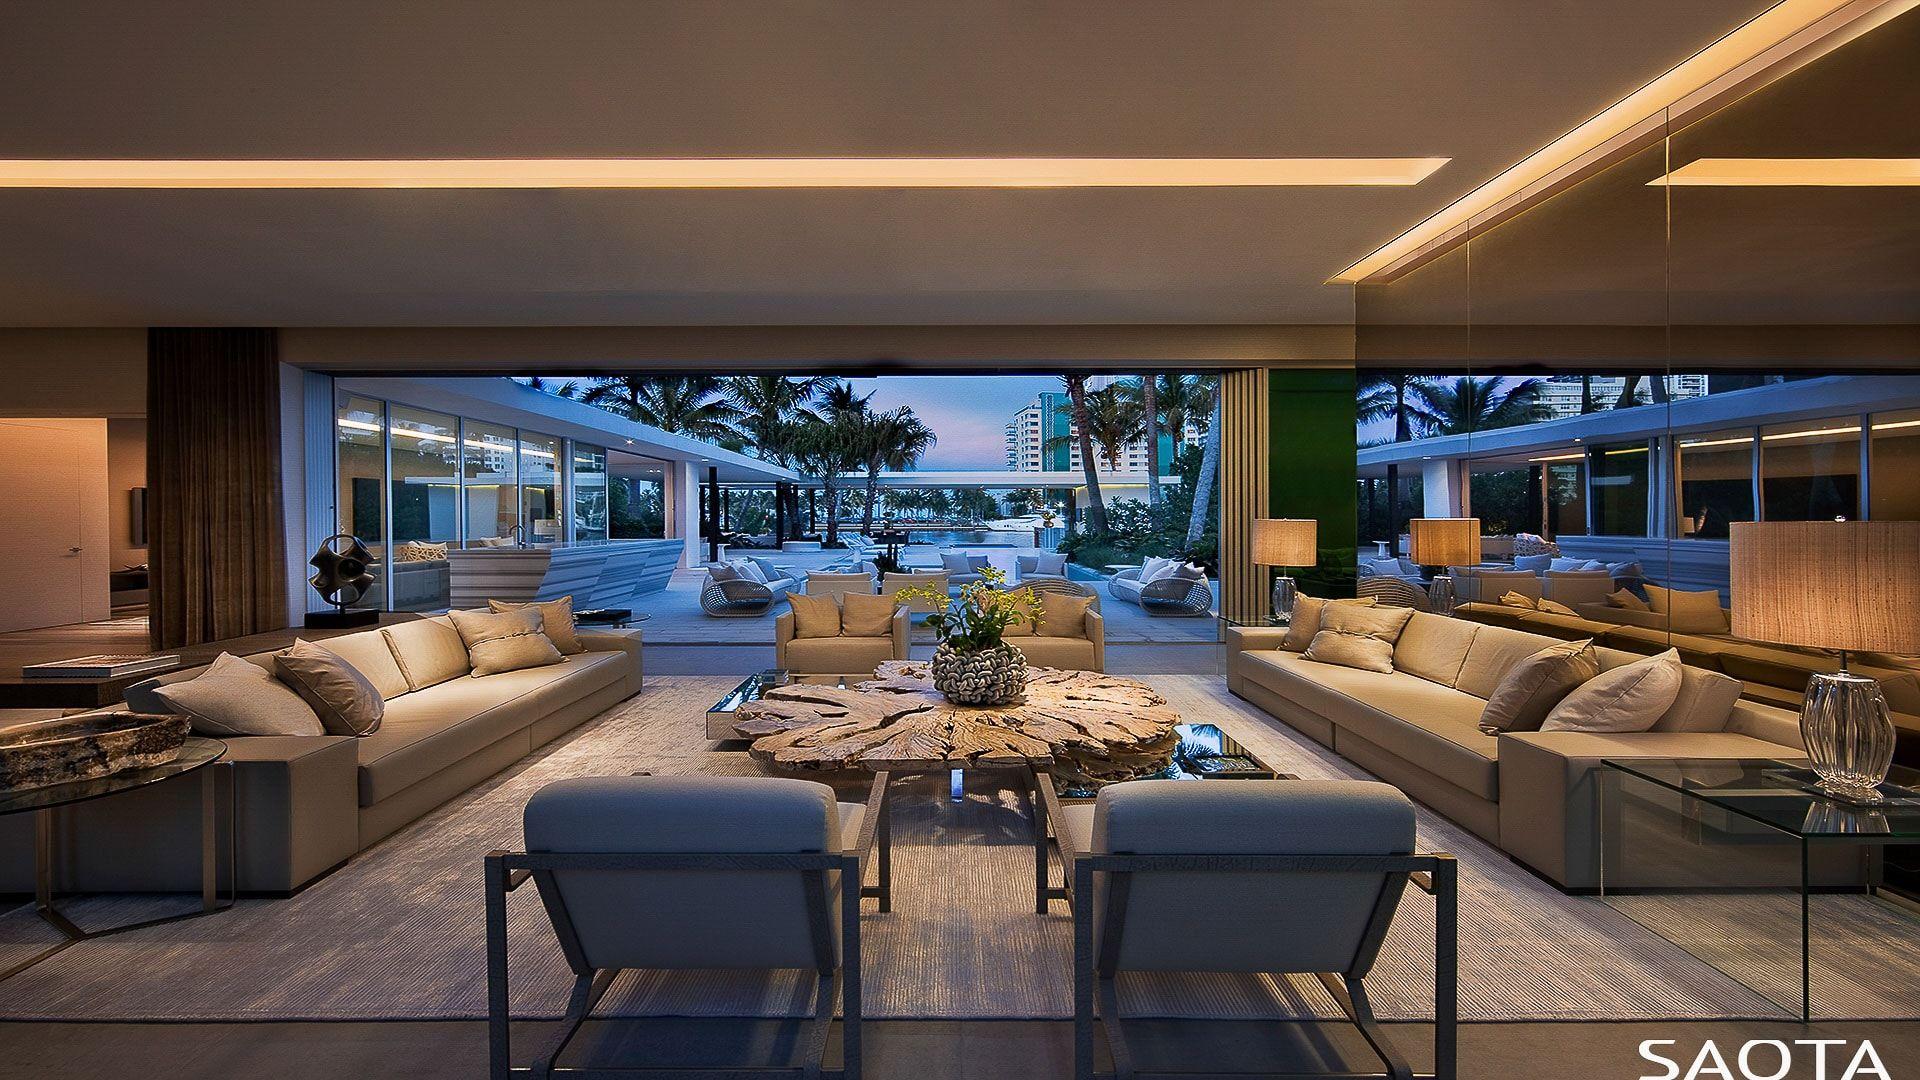 96 Contemporary Living Room Ideas Photos Tree Wallpaper Living